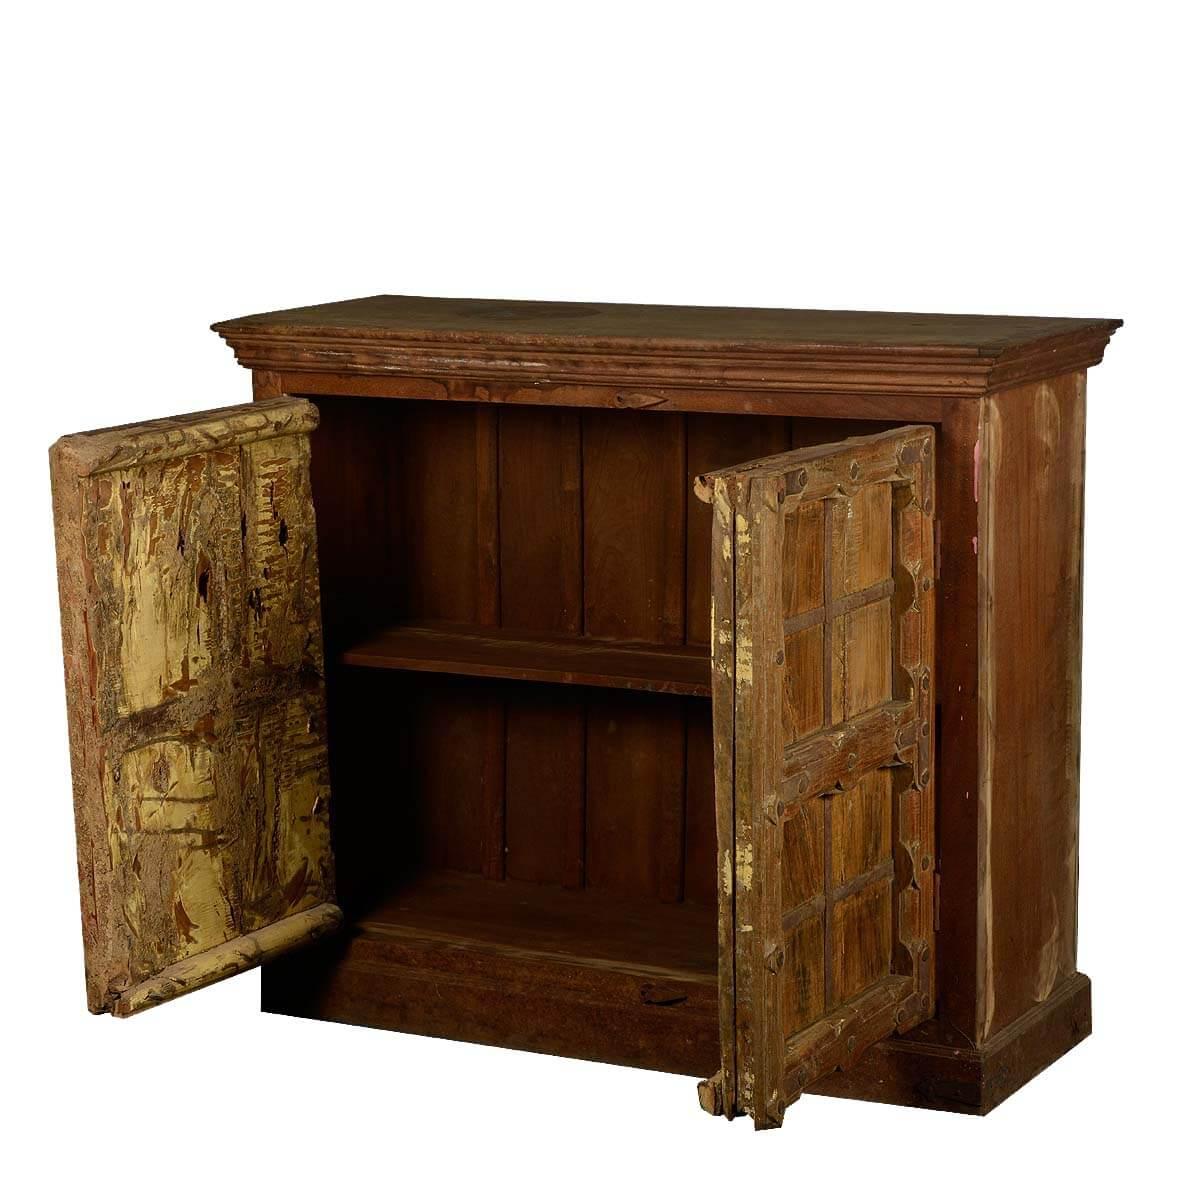 2 Door Rustic Reclaimed Wood Buffet Storage Accent Cabinet